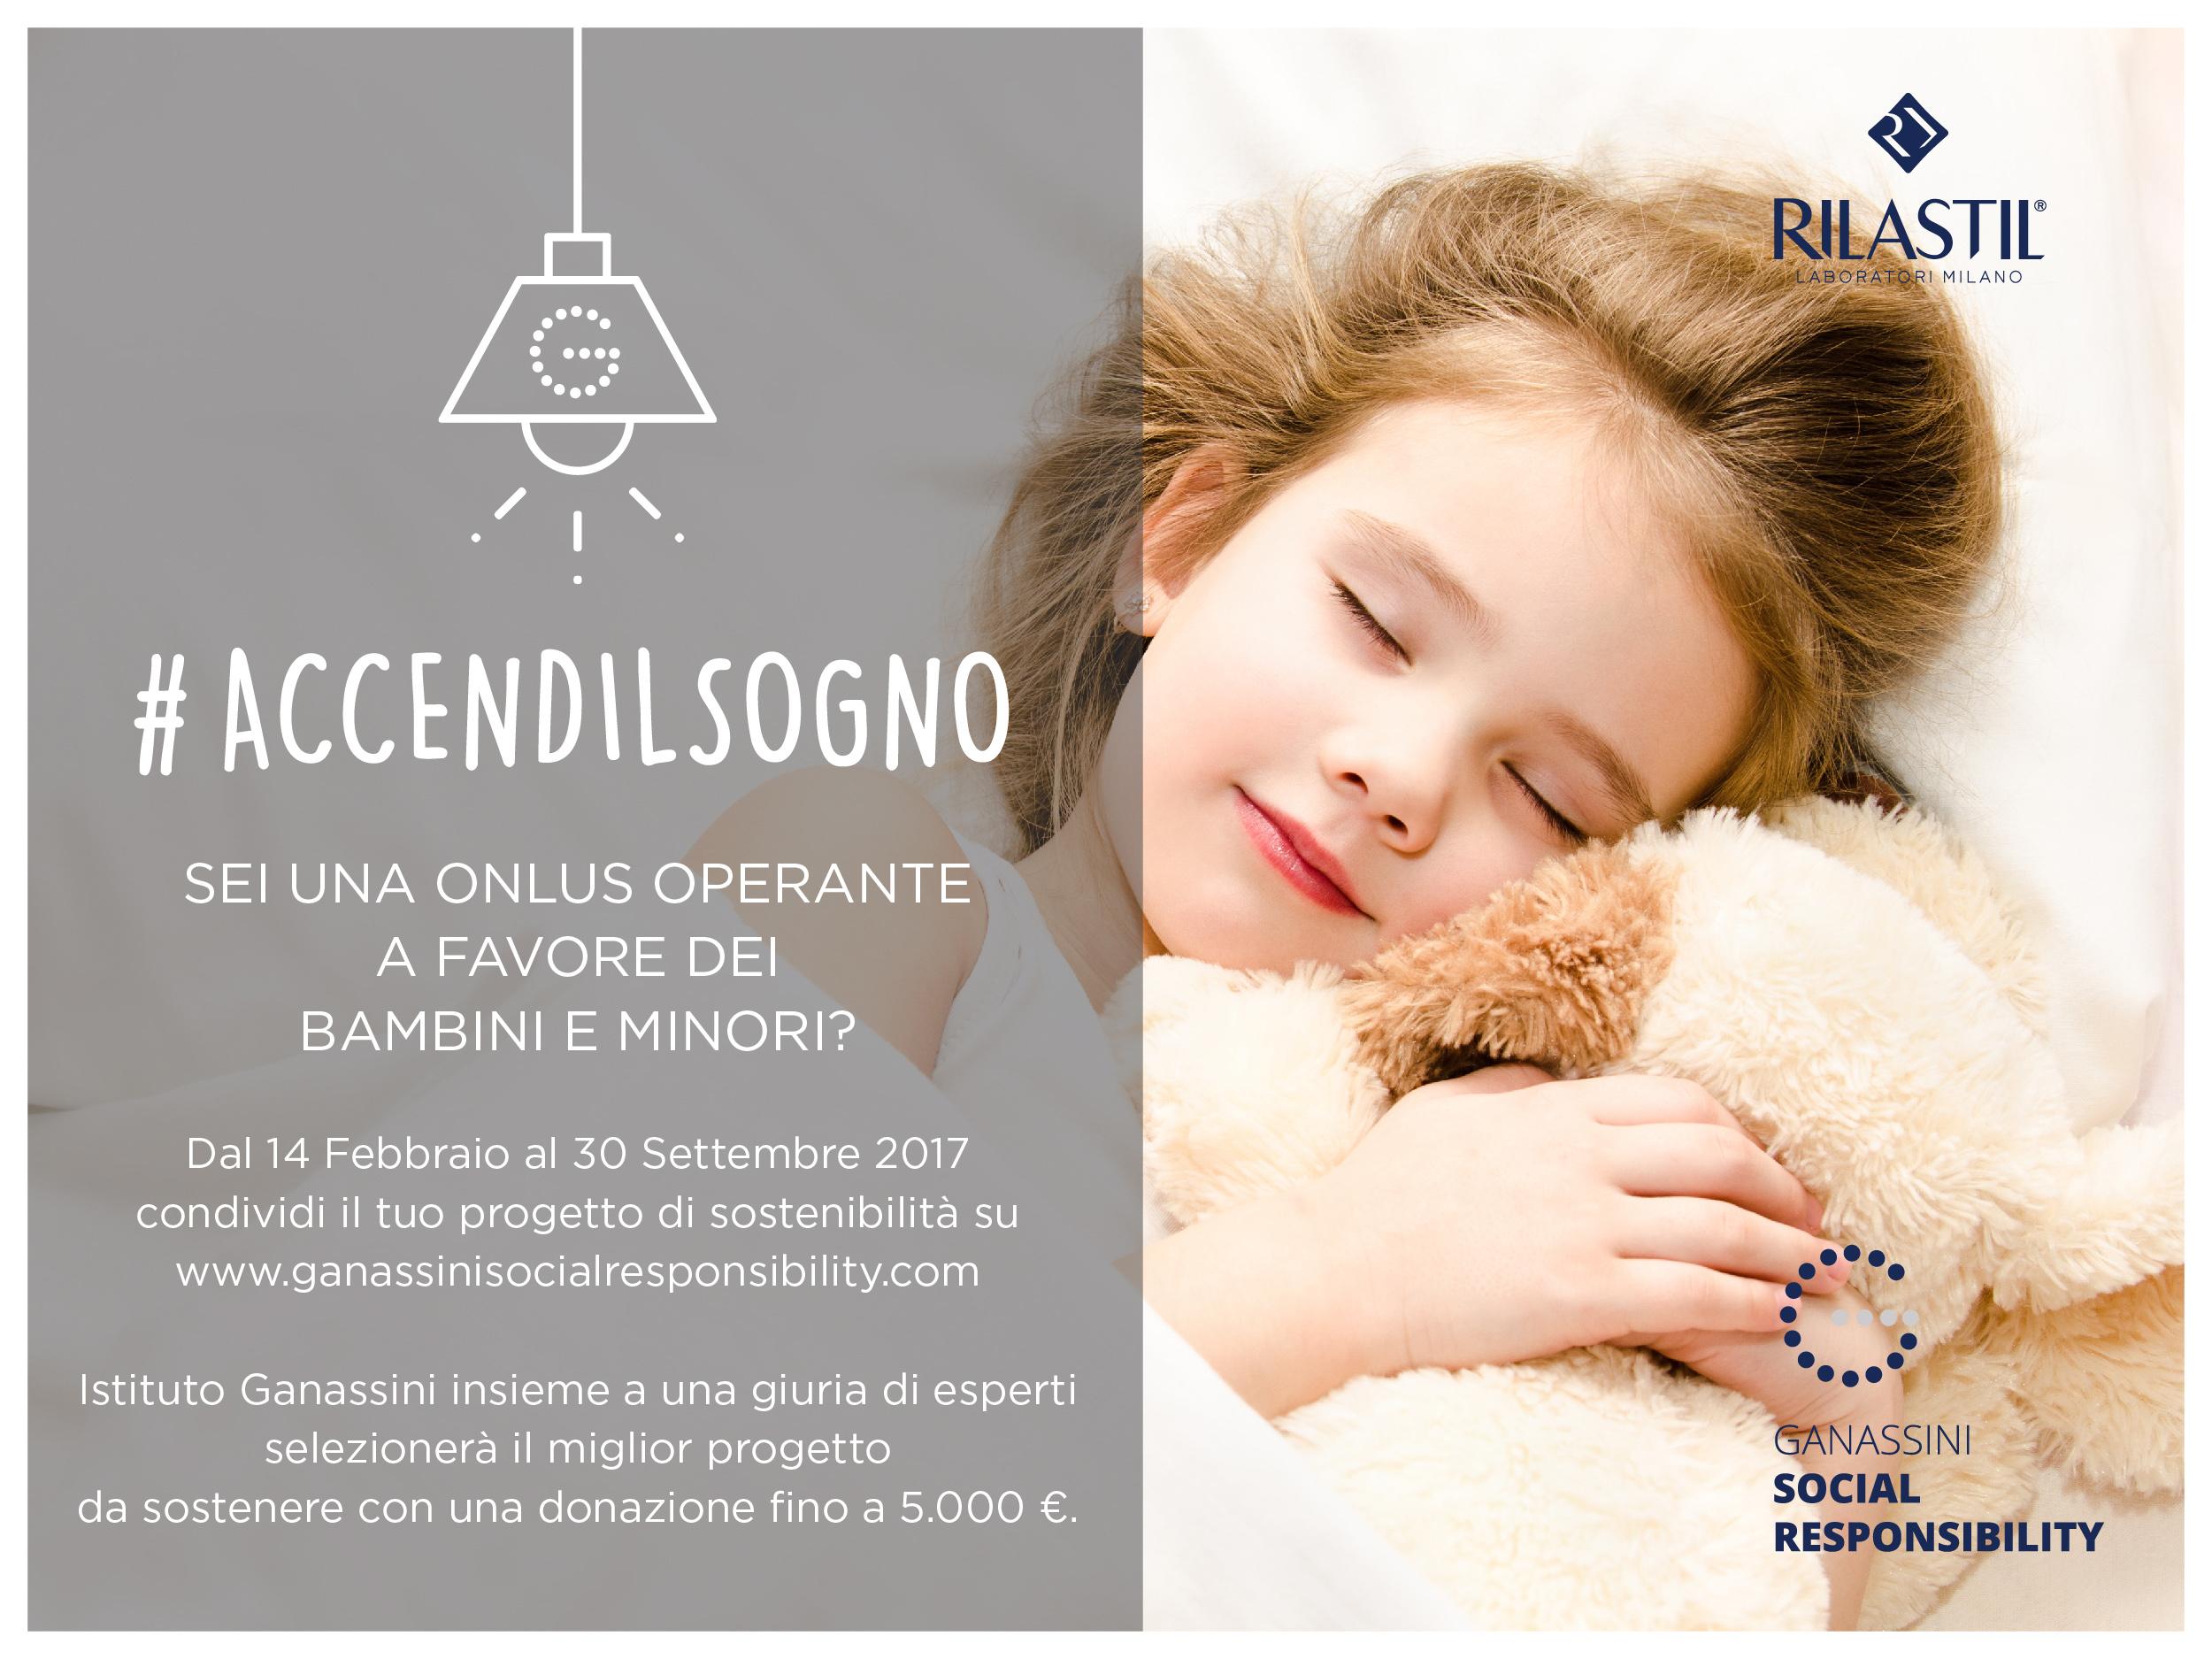 #accendilsogno